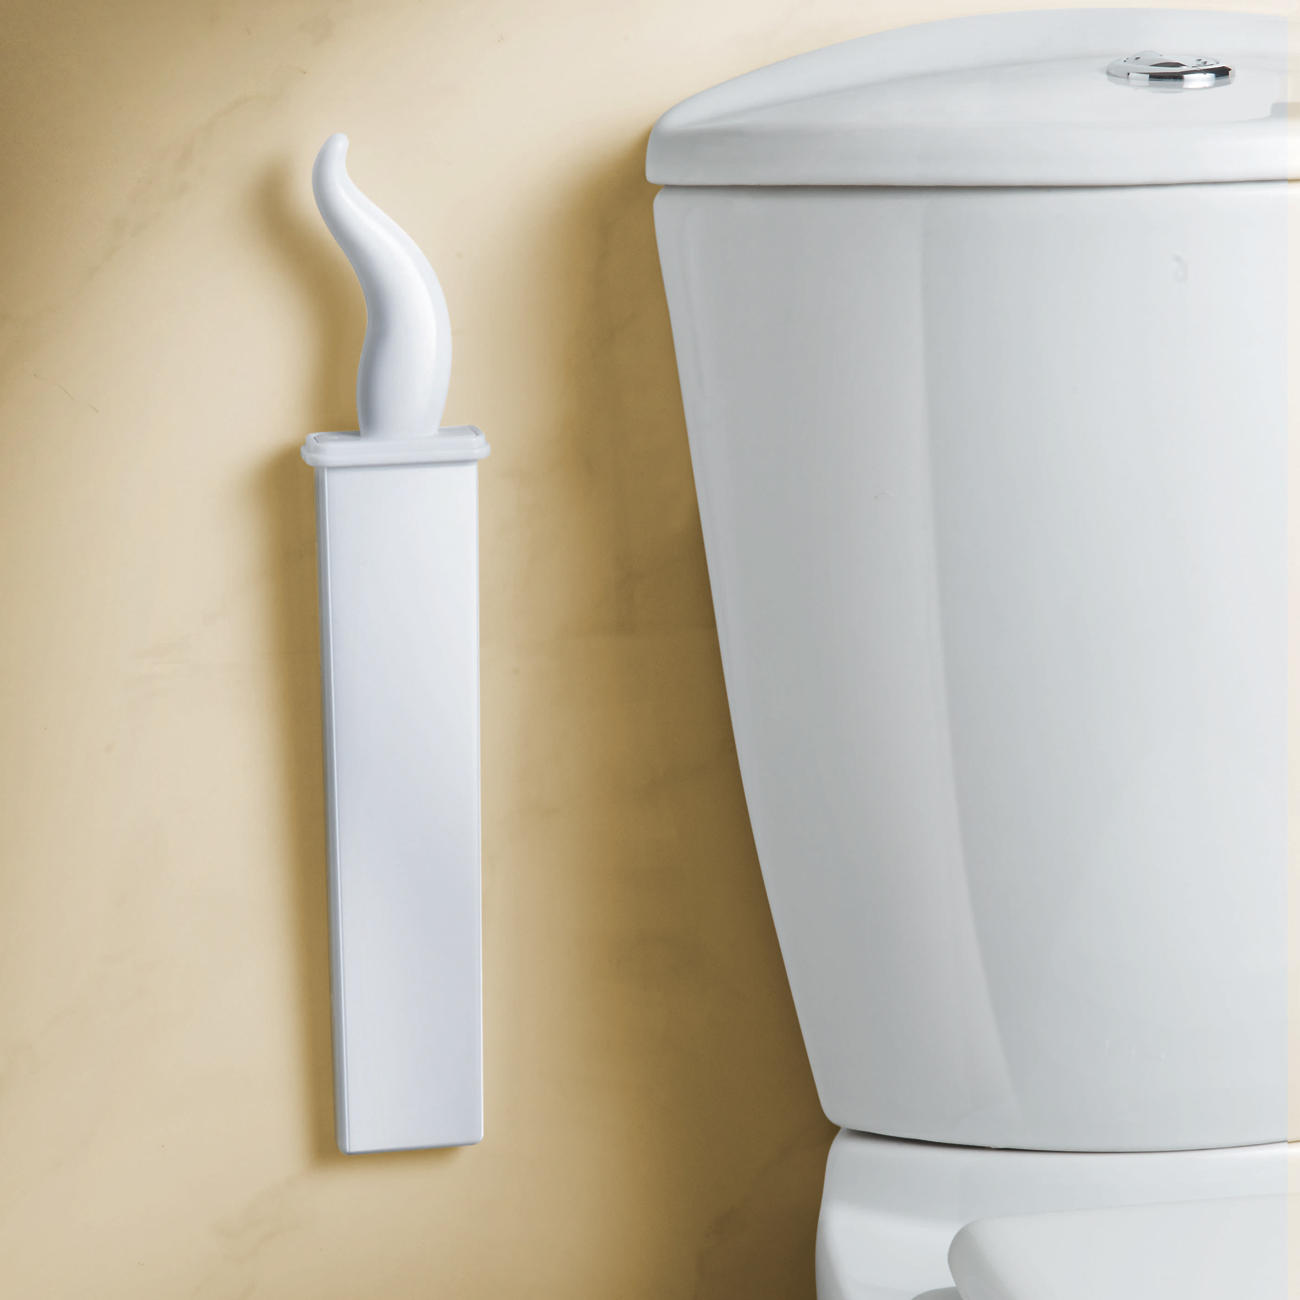 Toilet maid garantie produit de 3 ans - Brosse wc silicone ...